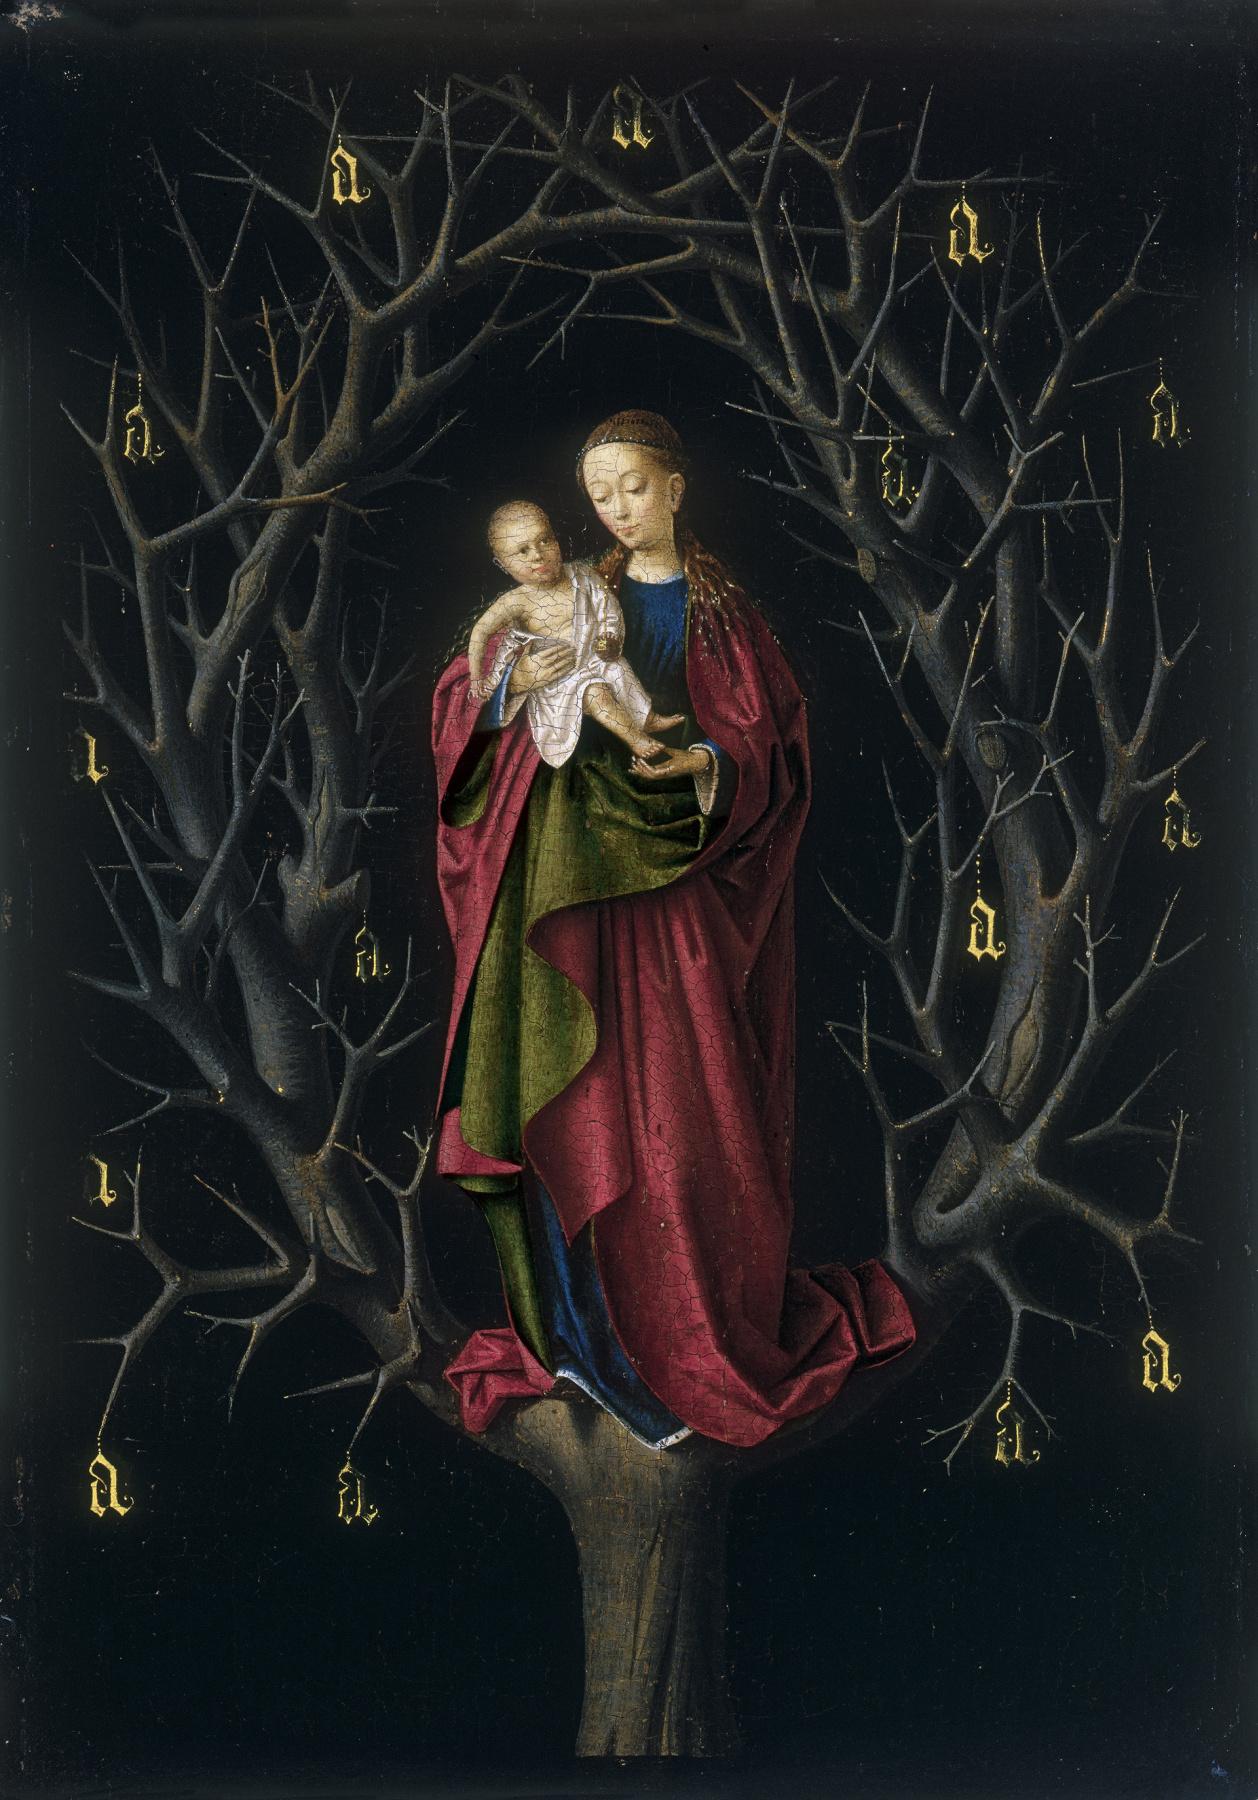 Petrus Christus. The Virgin of the dry Tree